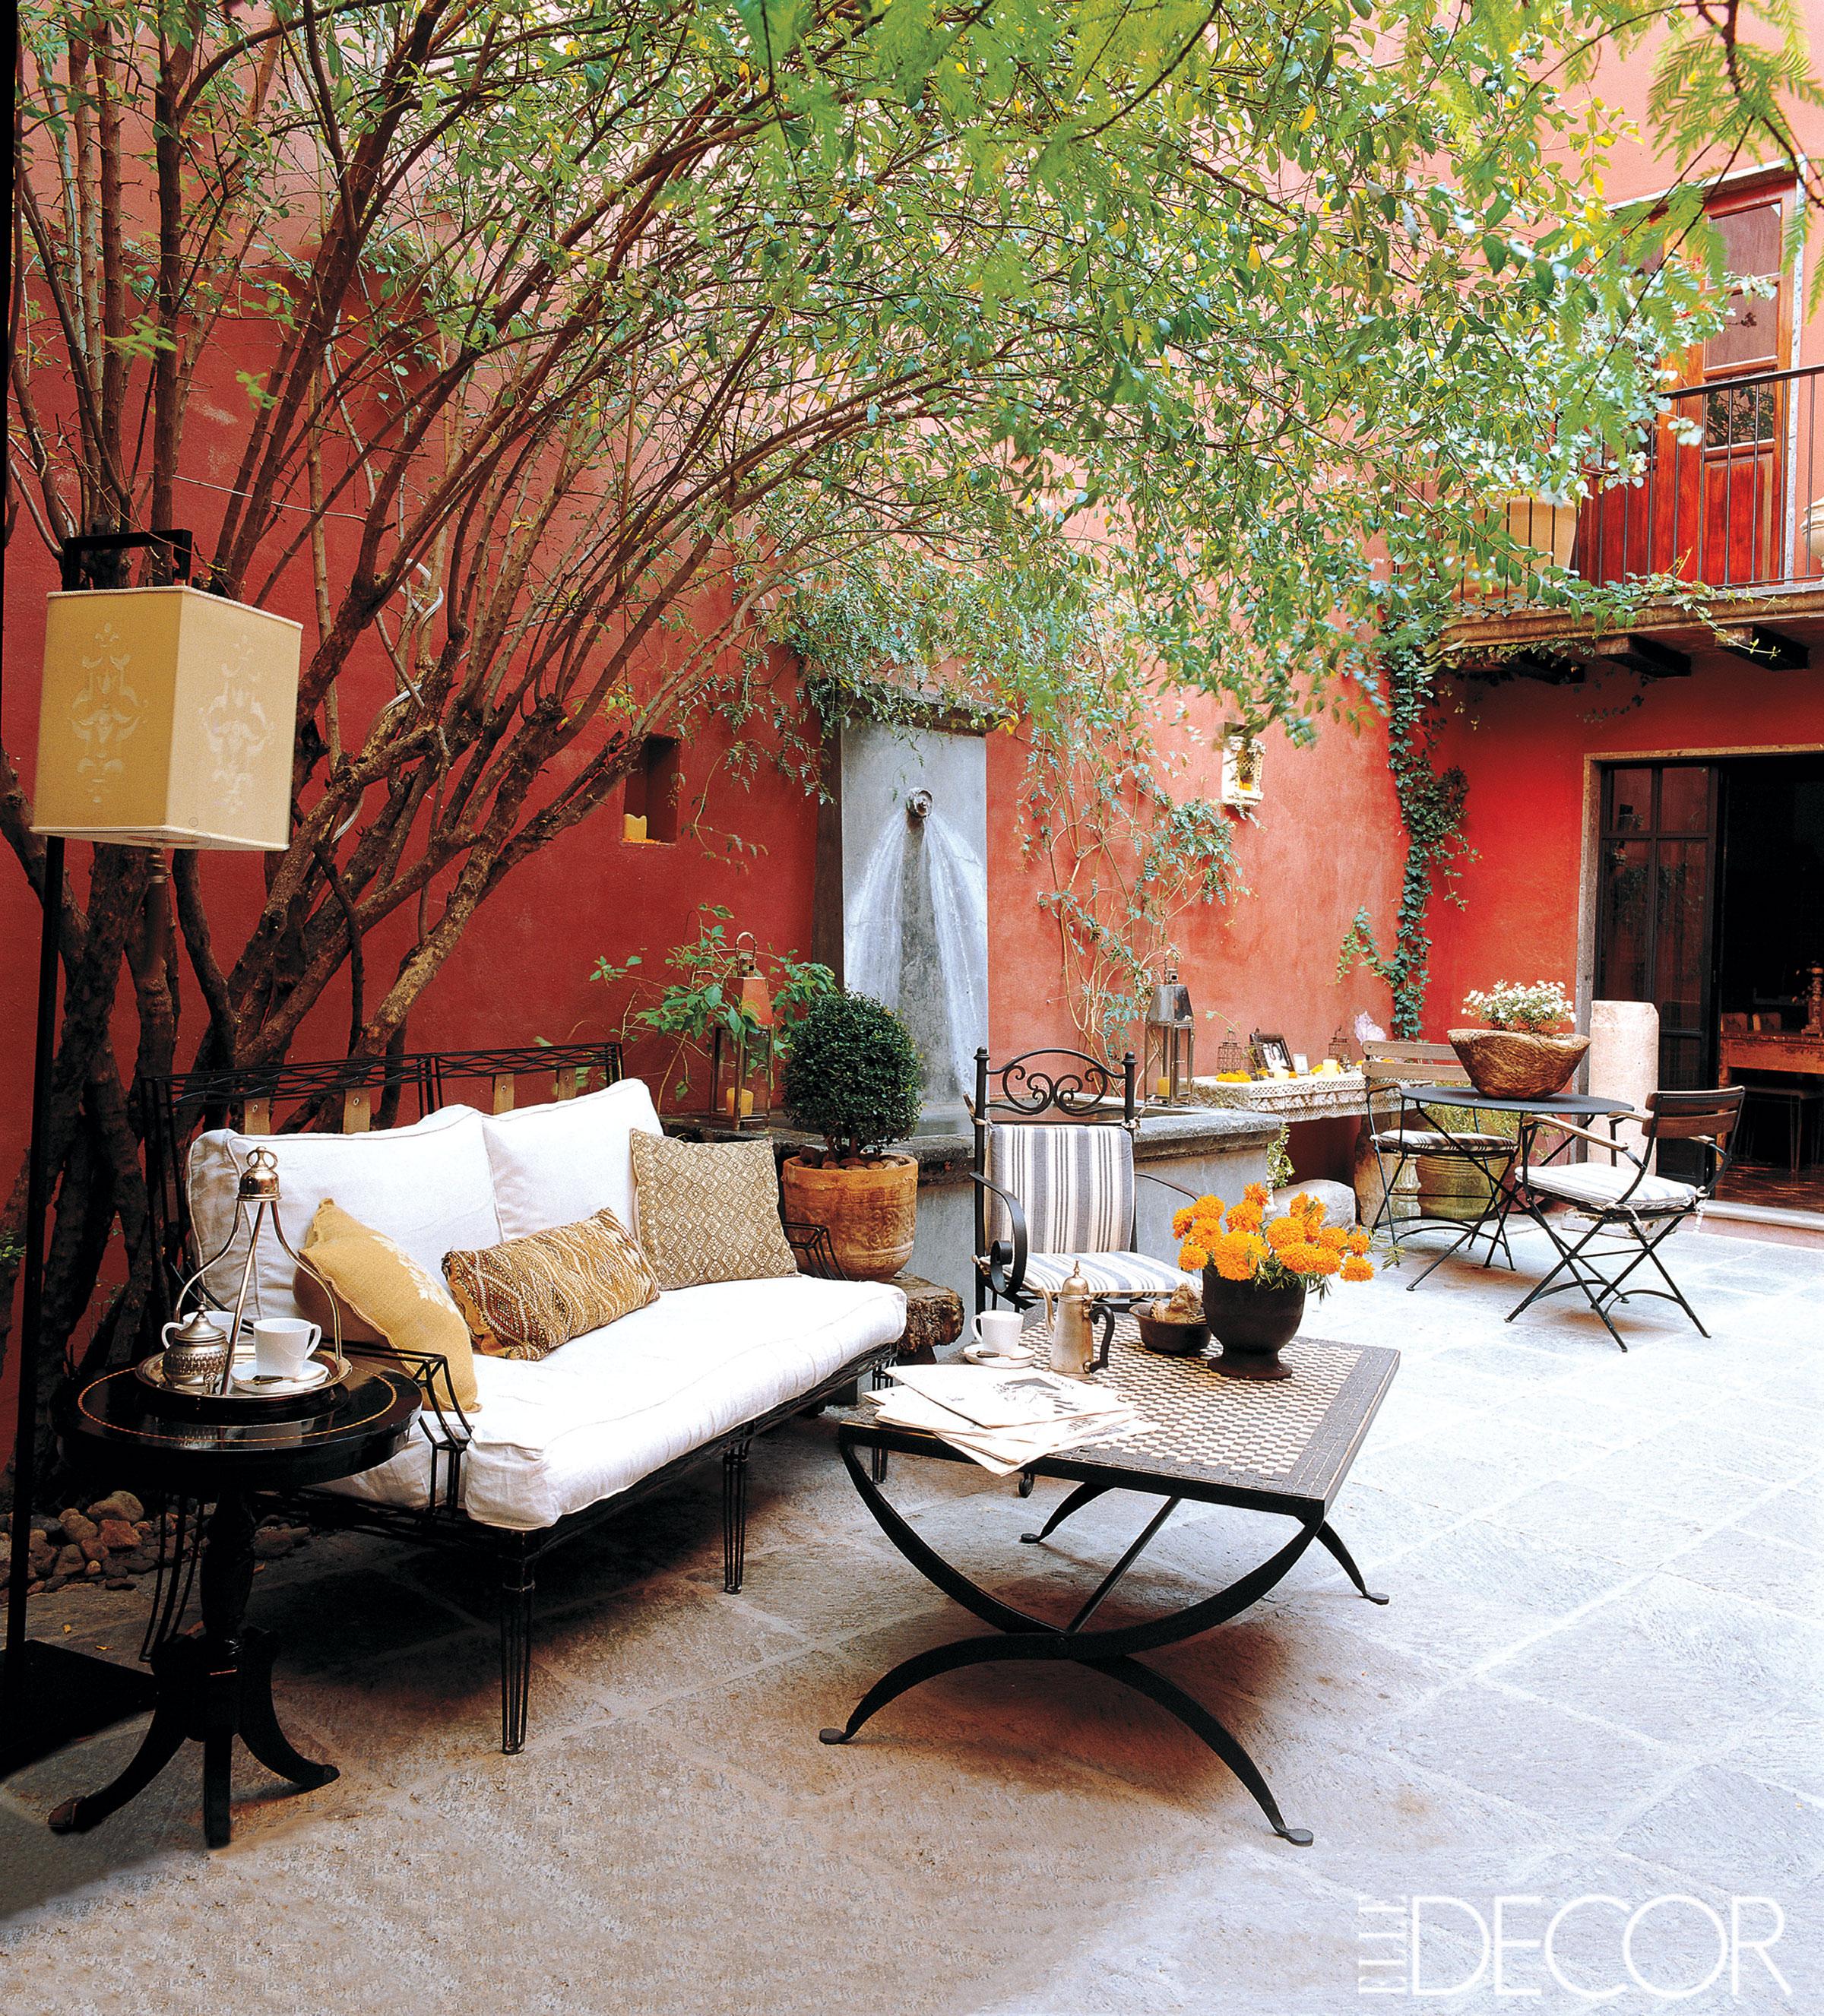 Urban Garden Design: Urban Gardens